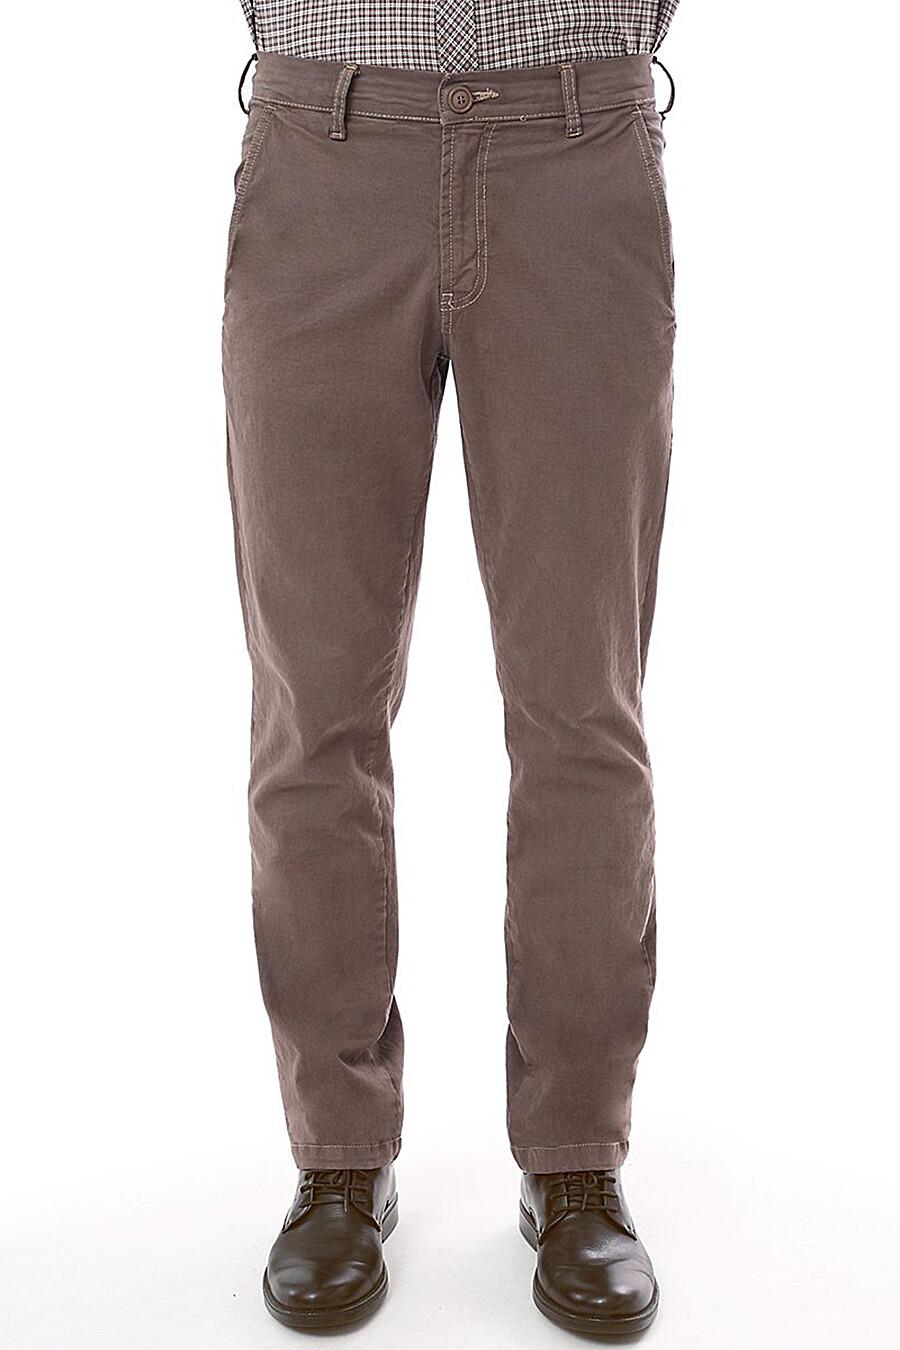 Брюки для мужчин F5 116482 купить оптом от производителя. Совместная покупка мужской одежды в OptMoyo